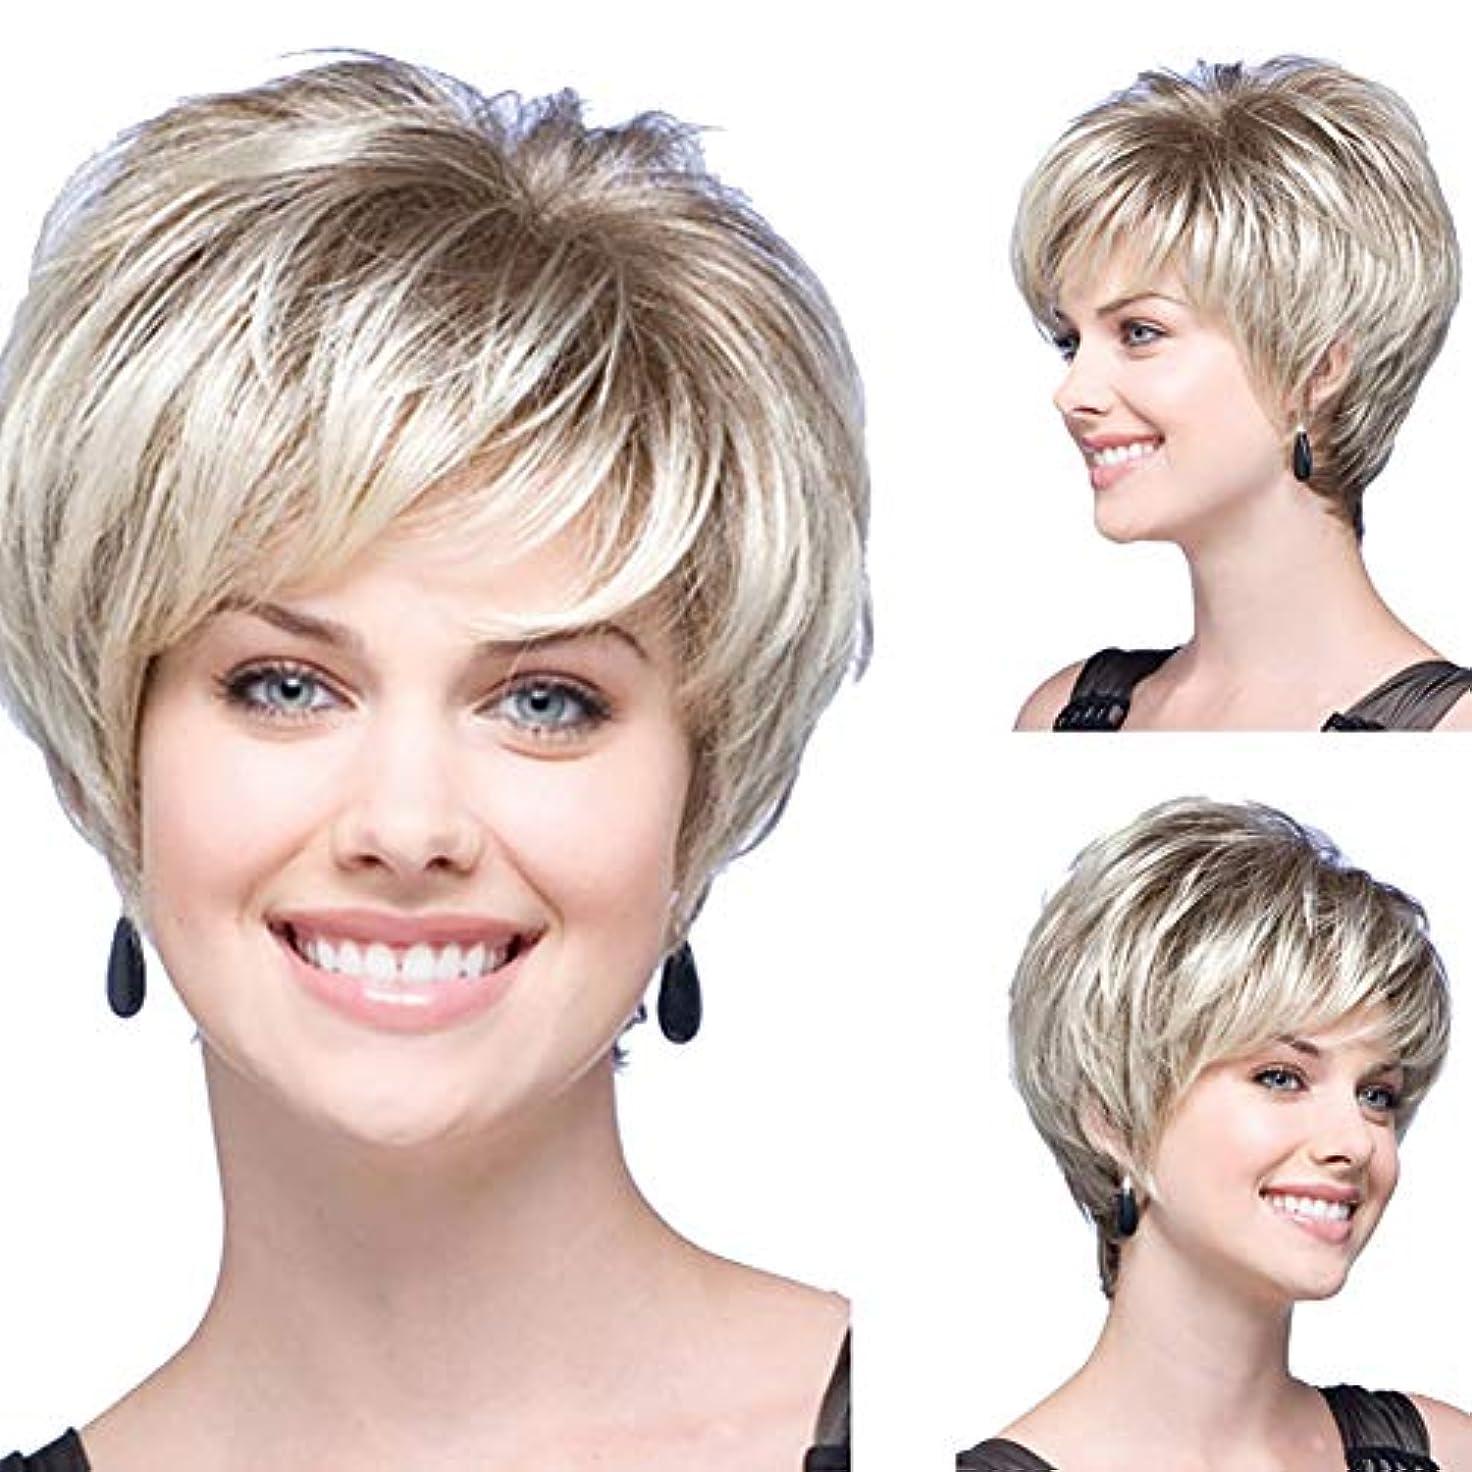 なめらか終点血まみれslQinjiansav女性ウィッグ修理ツール高温天然合成繊維レディショートコスプレウィッグヘアピース